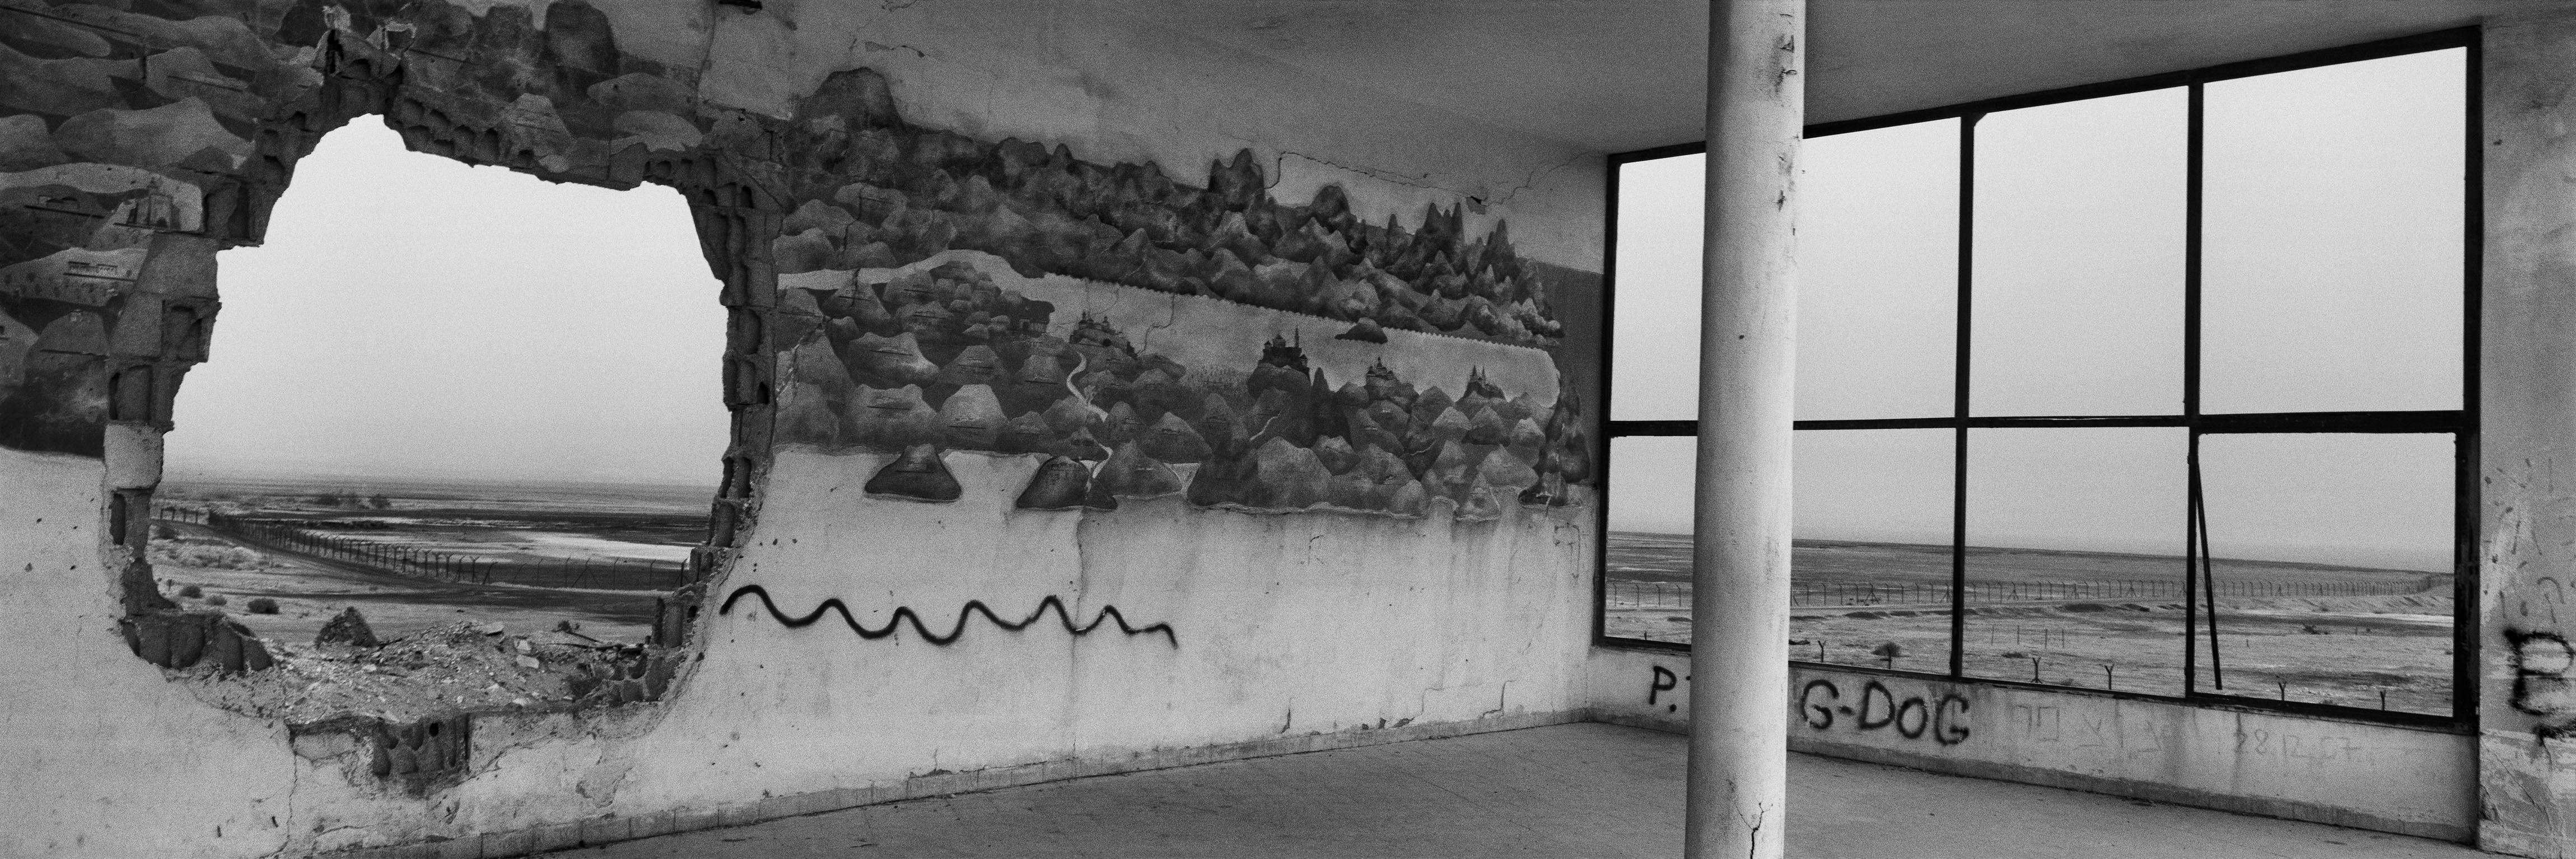 Resultado de imagen de koudelka-shooting-holy-land